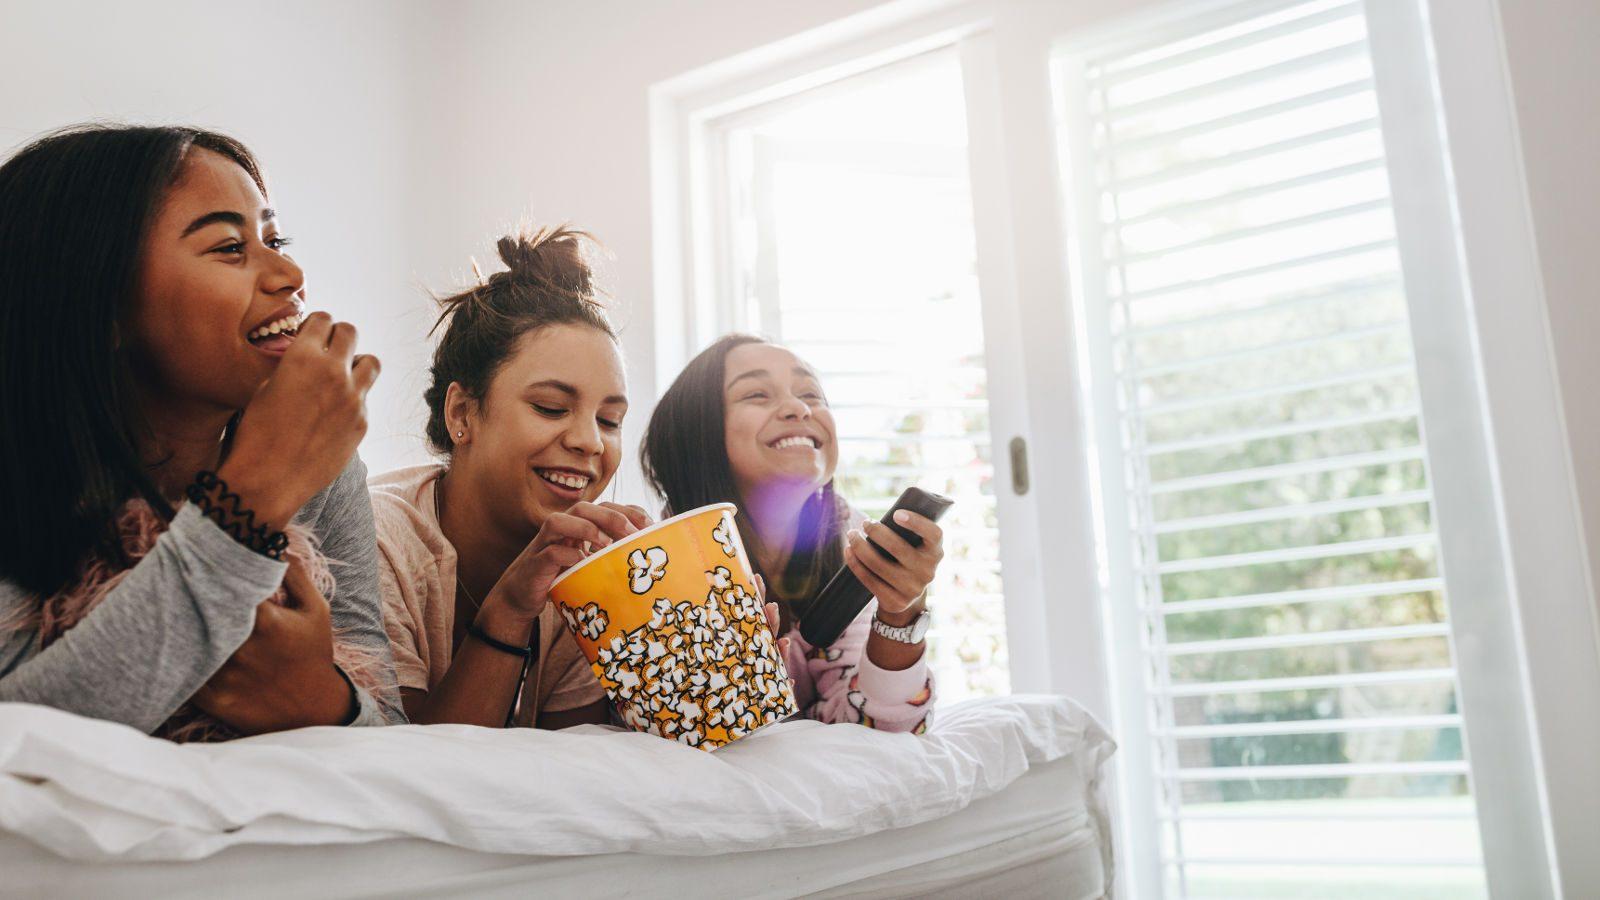 Adolescenti E Sessualita L Impatto Dei Contenuti Espliciti Dei Social Media